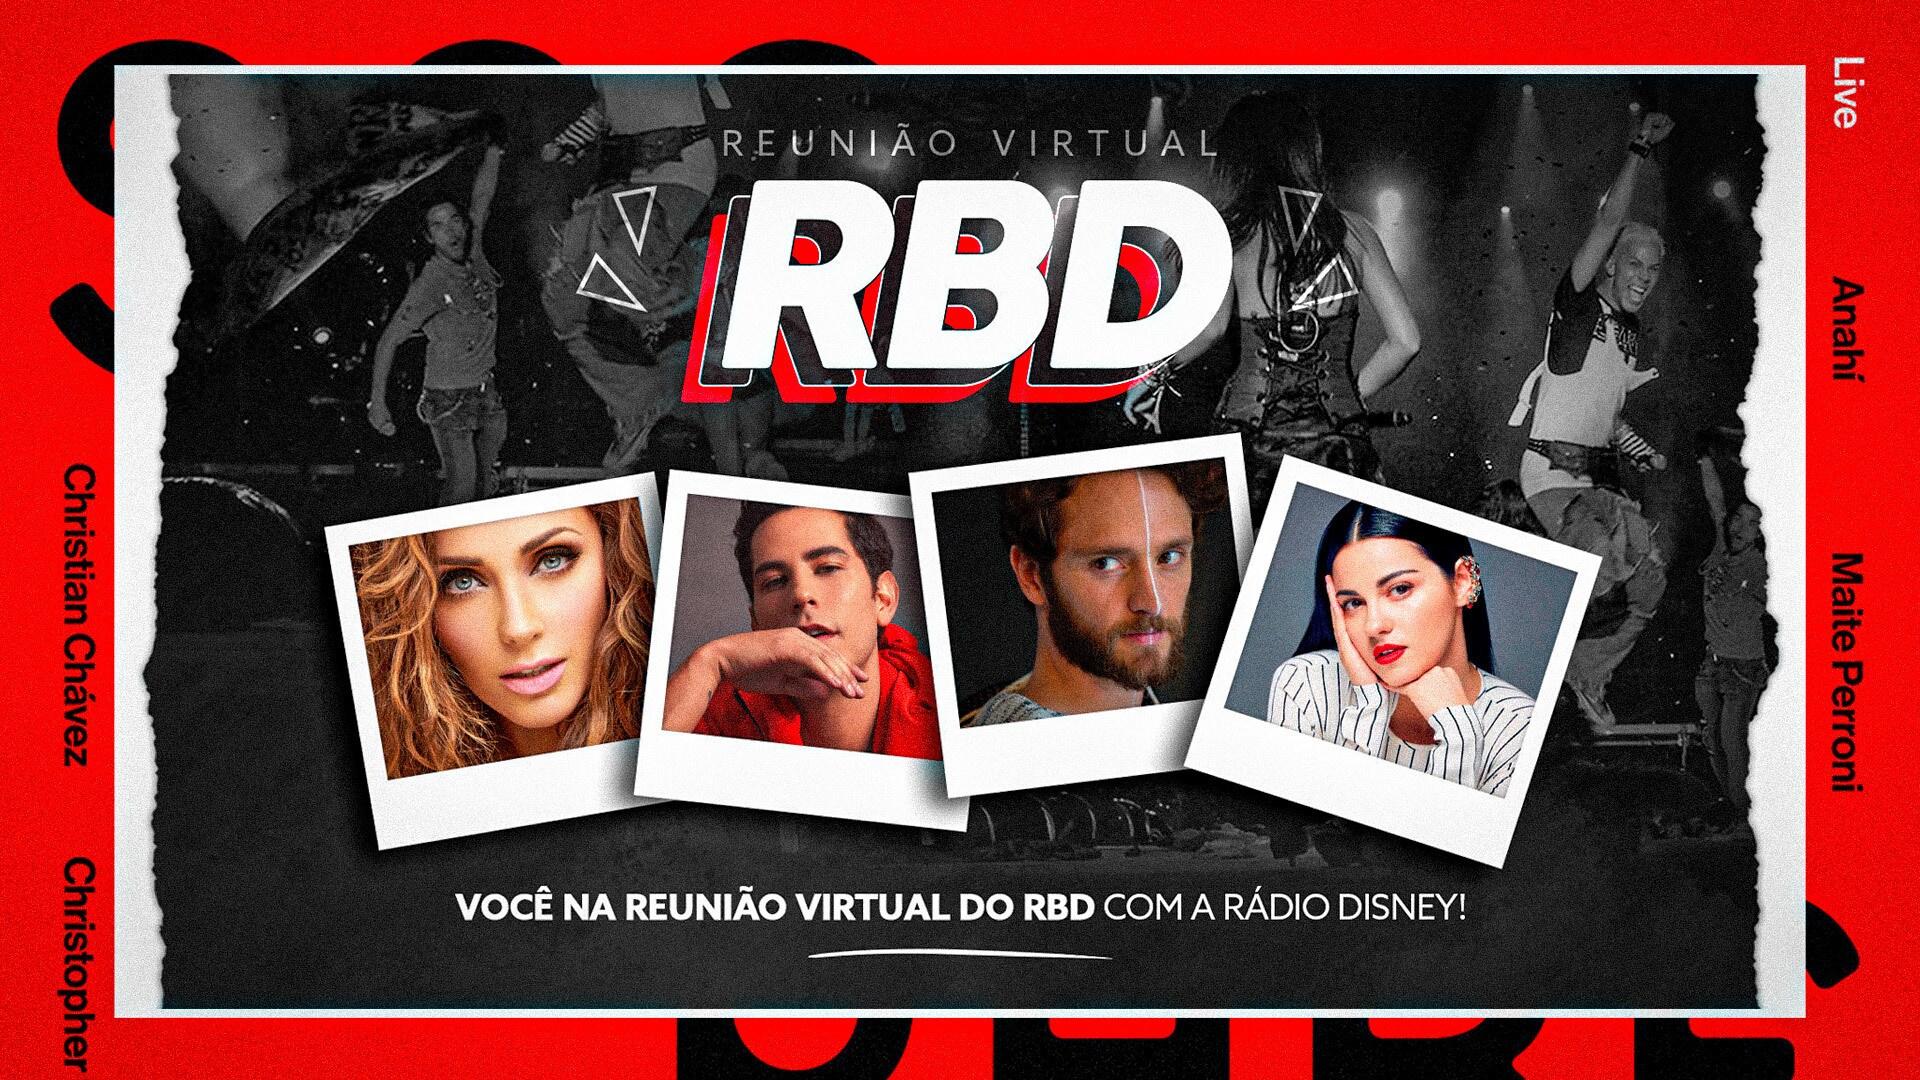 VOCÊ NA REUNIÃO VIRTUAL DO RBD COM A RÁDIO DISNEY